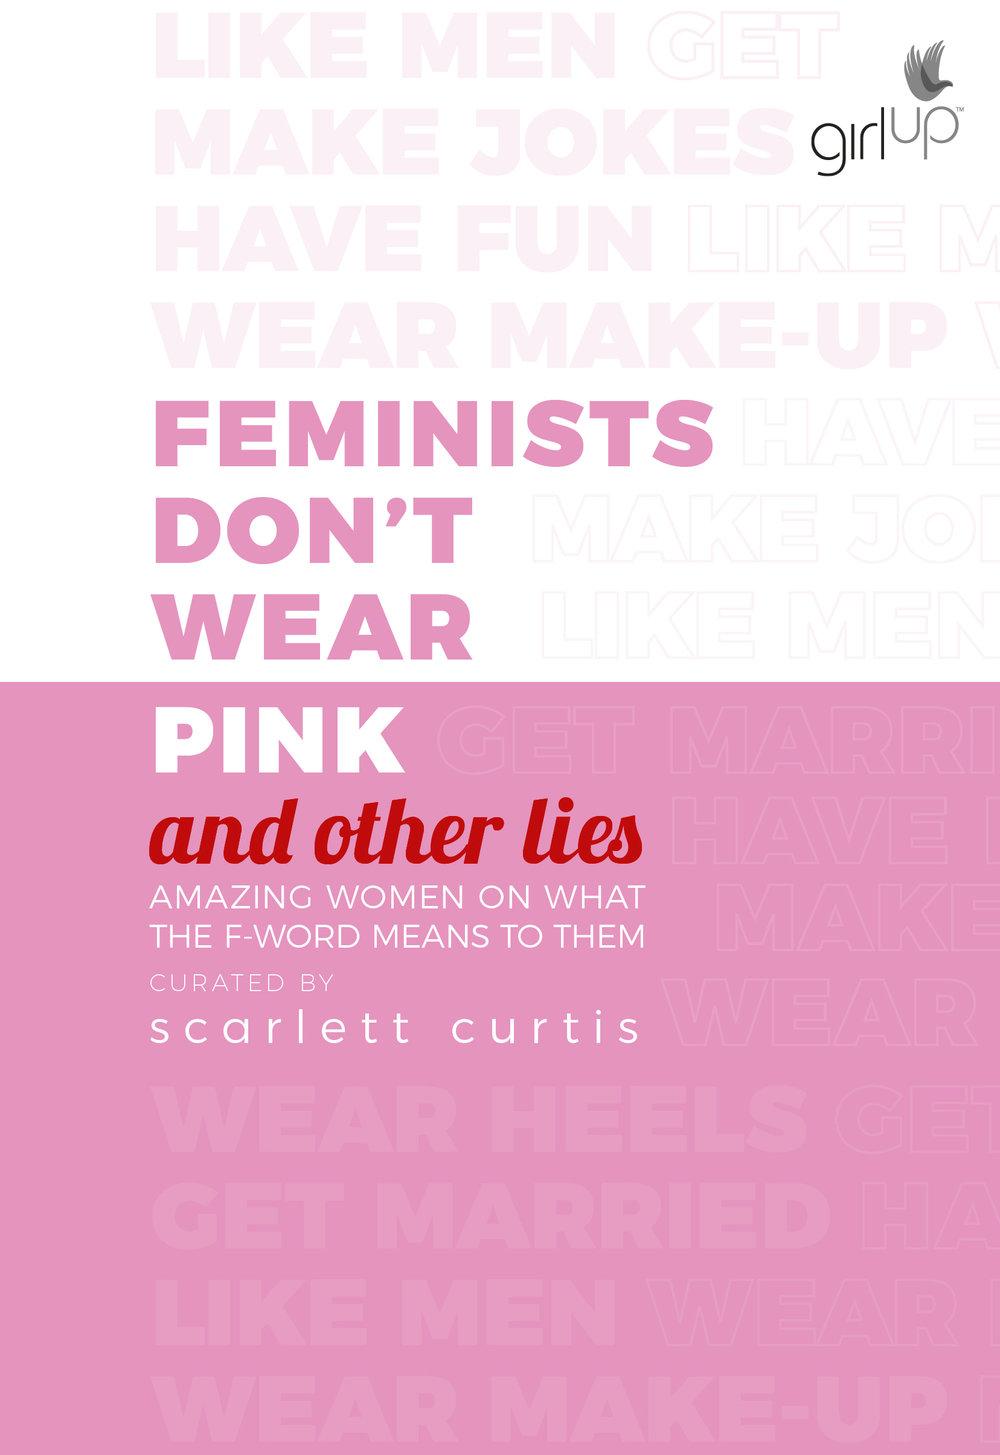 9780241364451_FeministsDontWearPink+BLINDSPOTUV.jpg